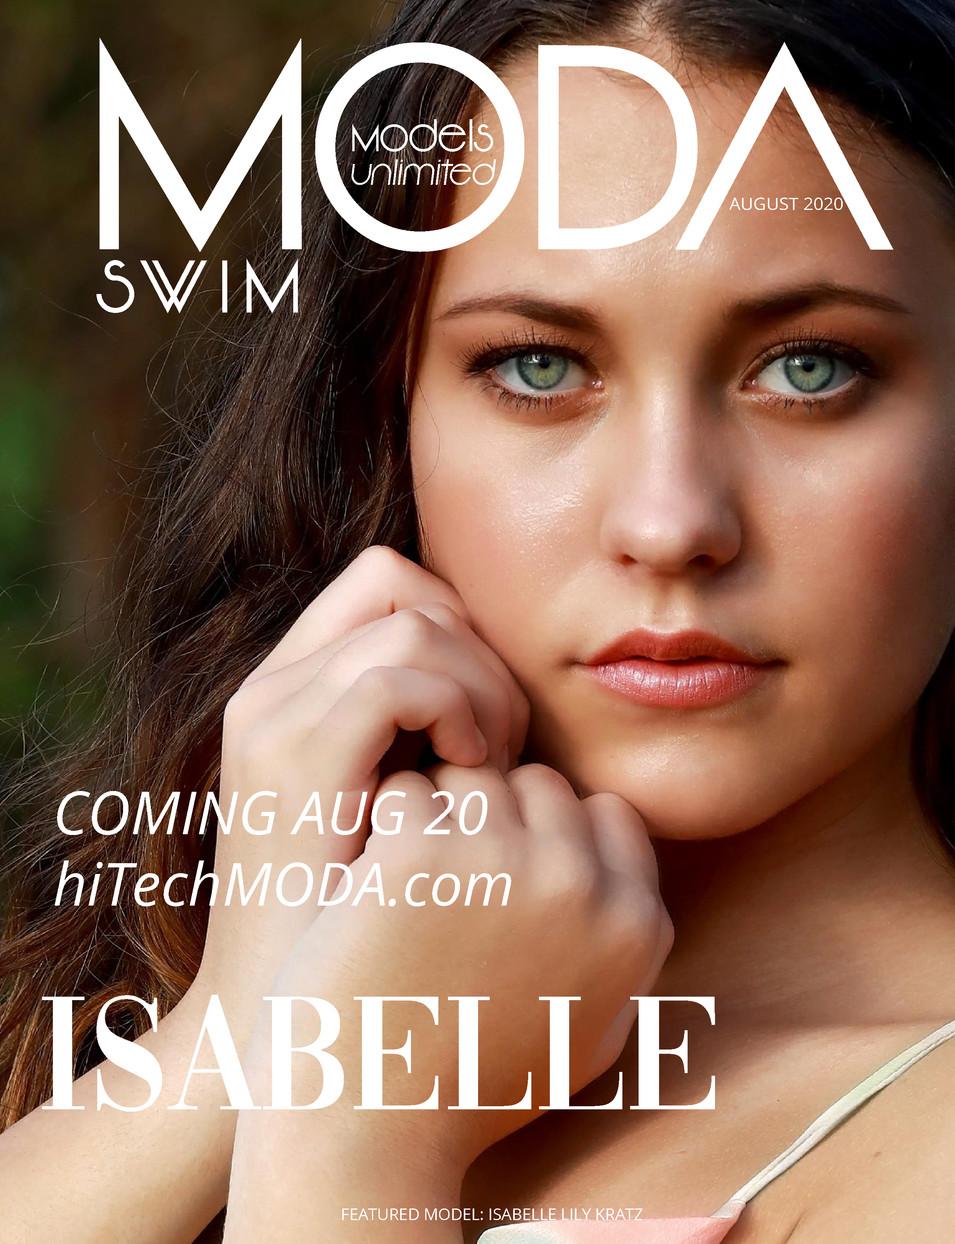 Moda Model Isabelle Lily.jpg